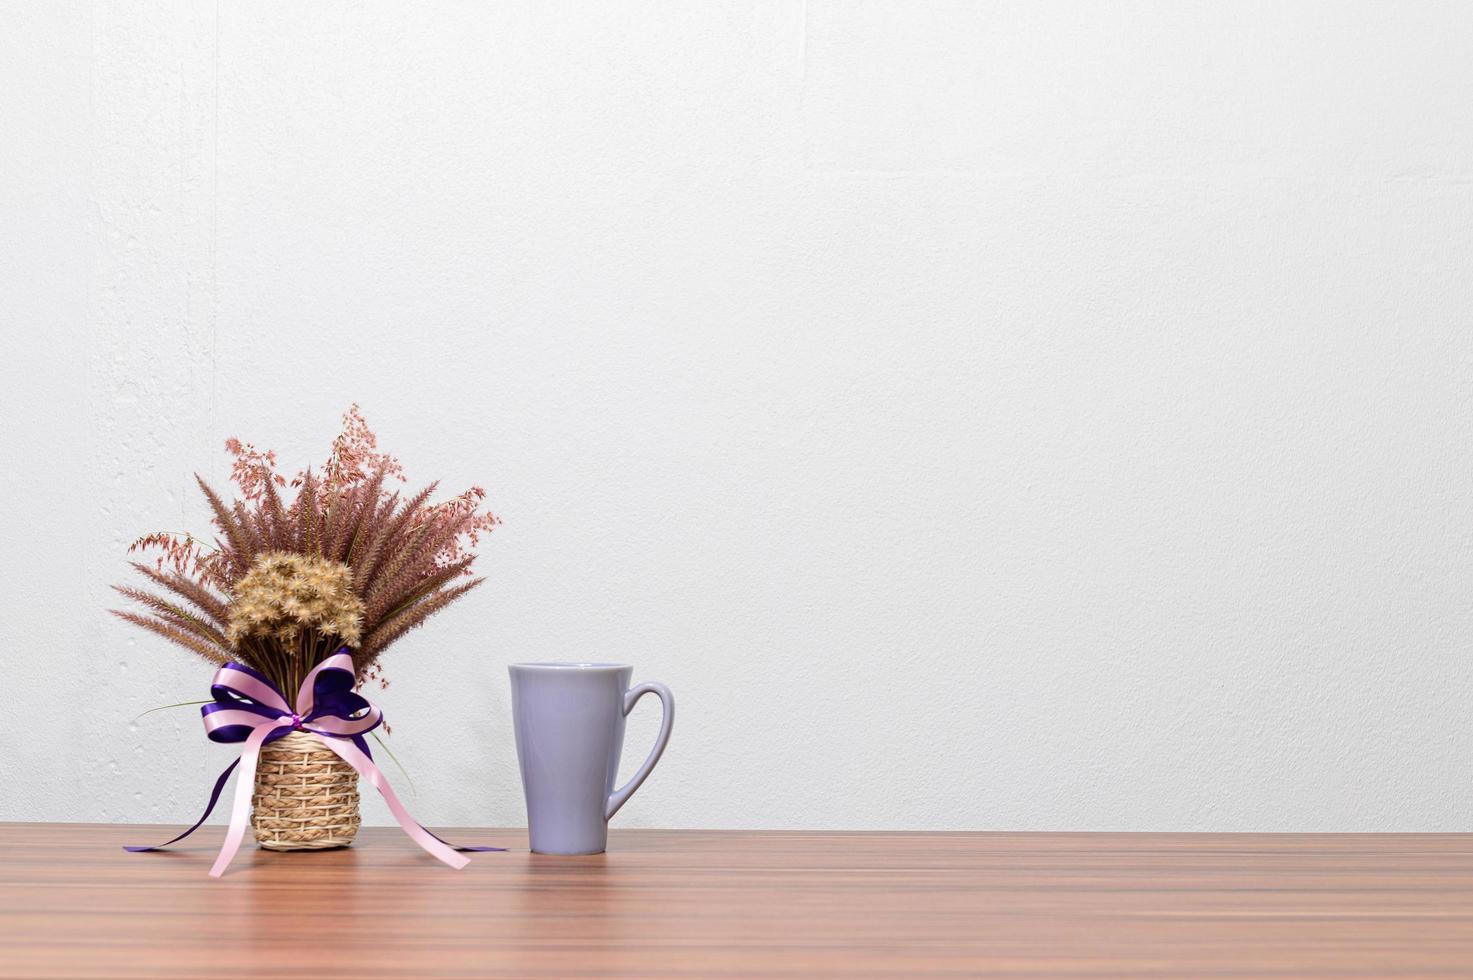 taza de café y flor en el escritorio foto